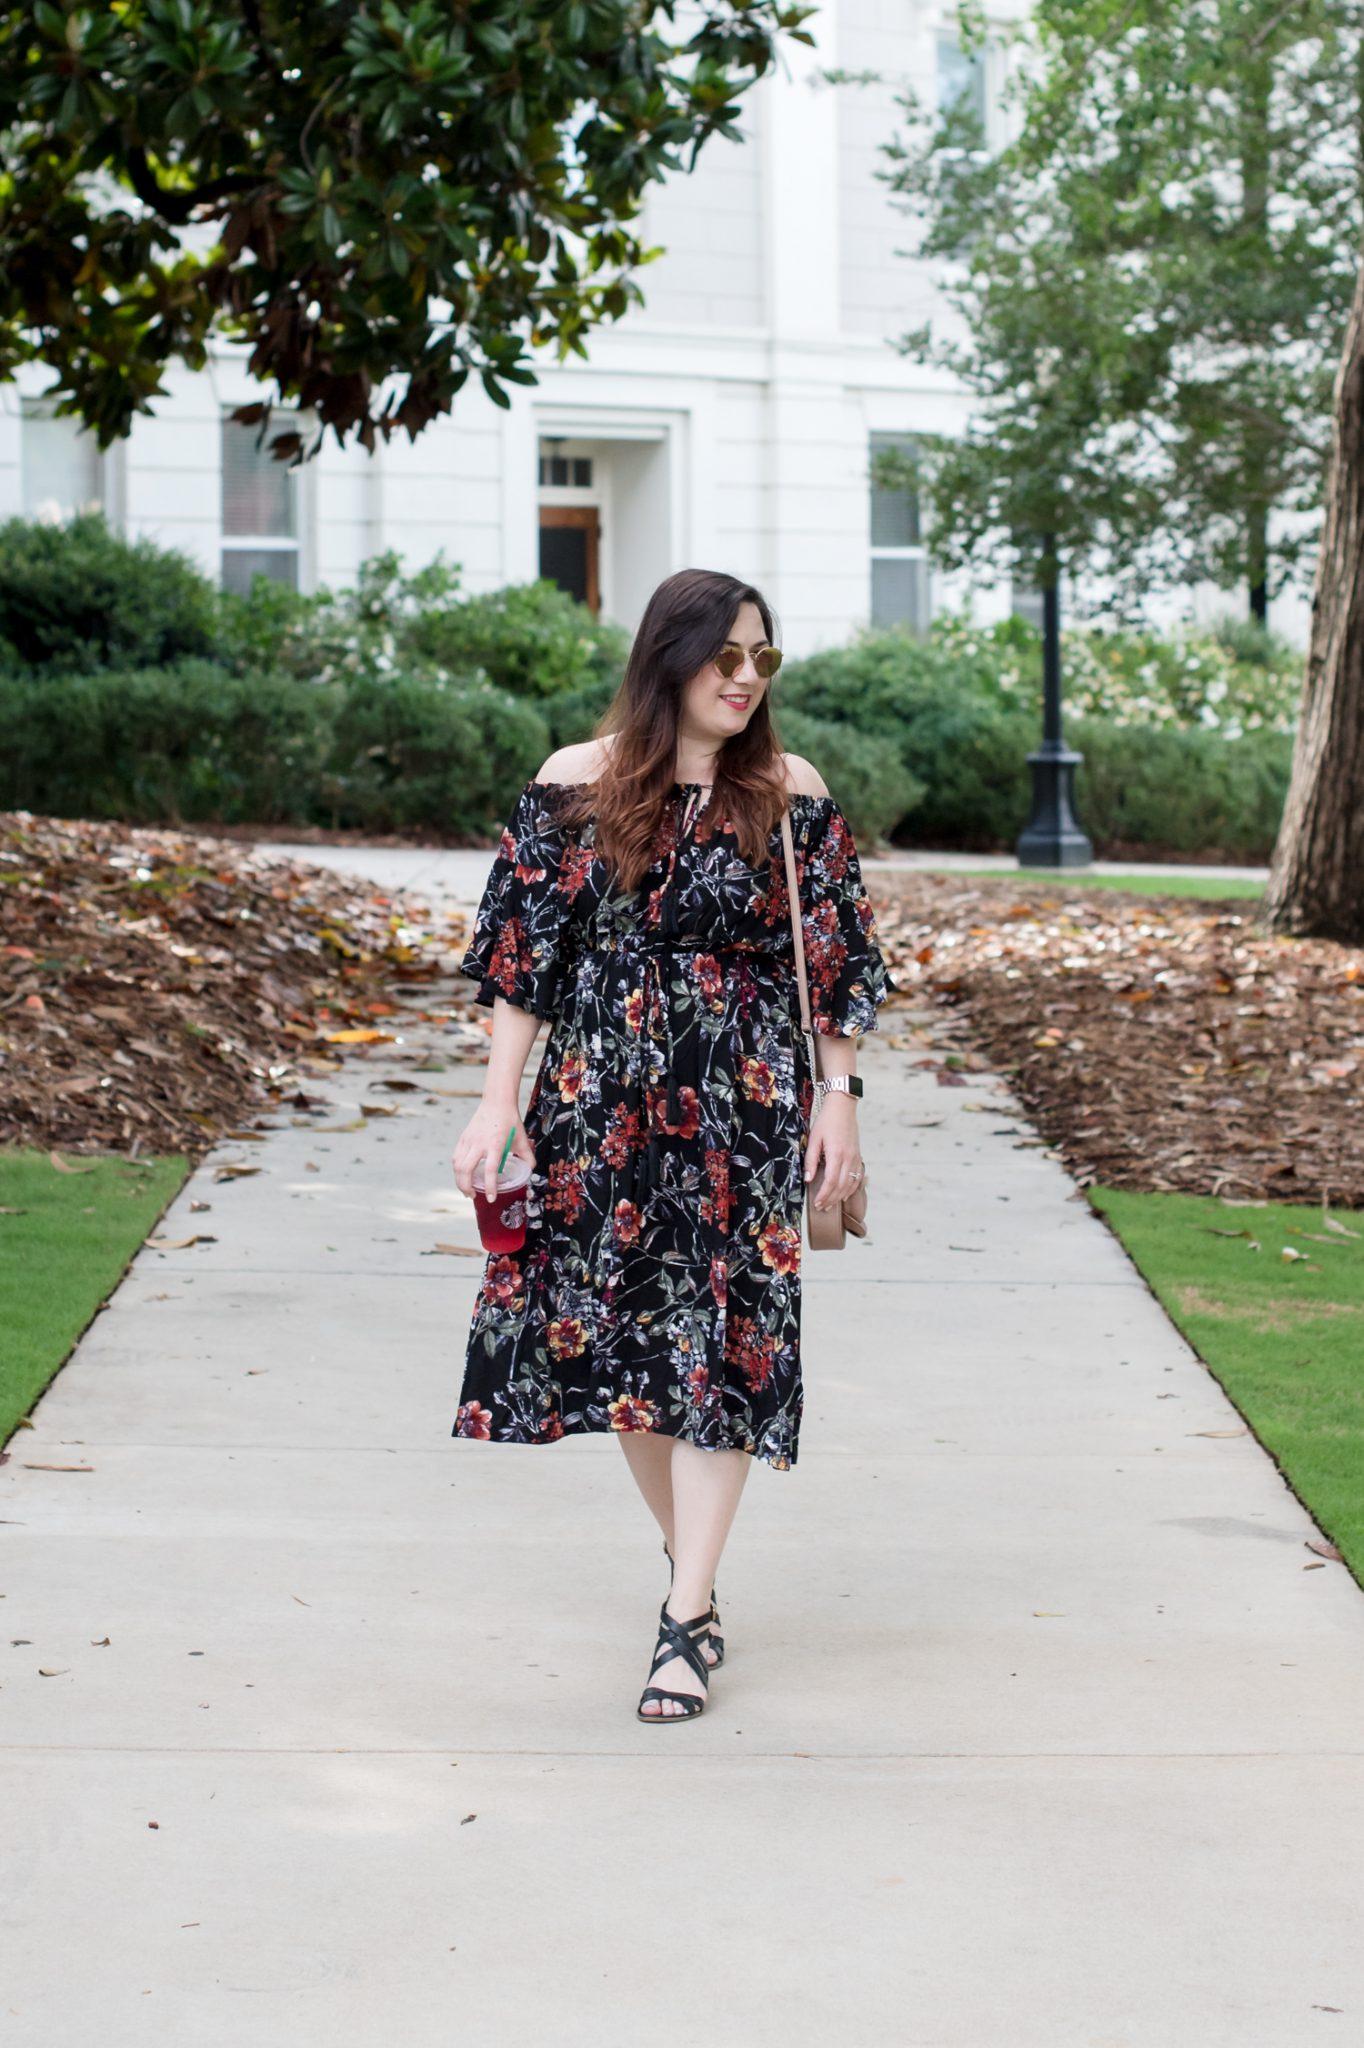 A Flirty Floral Dress via @missmollymoon